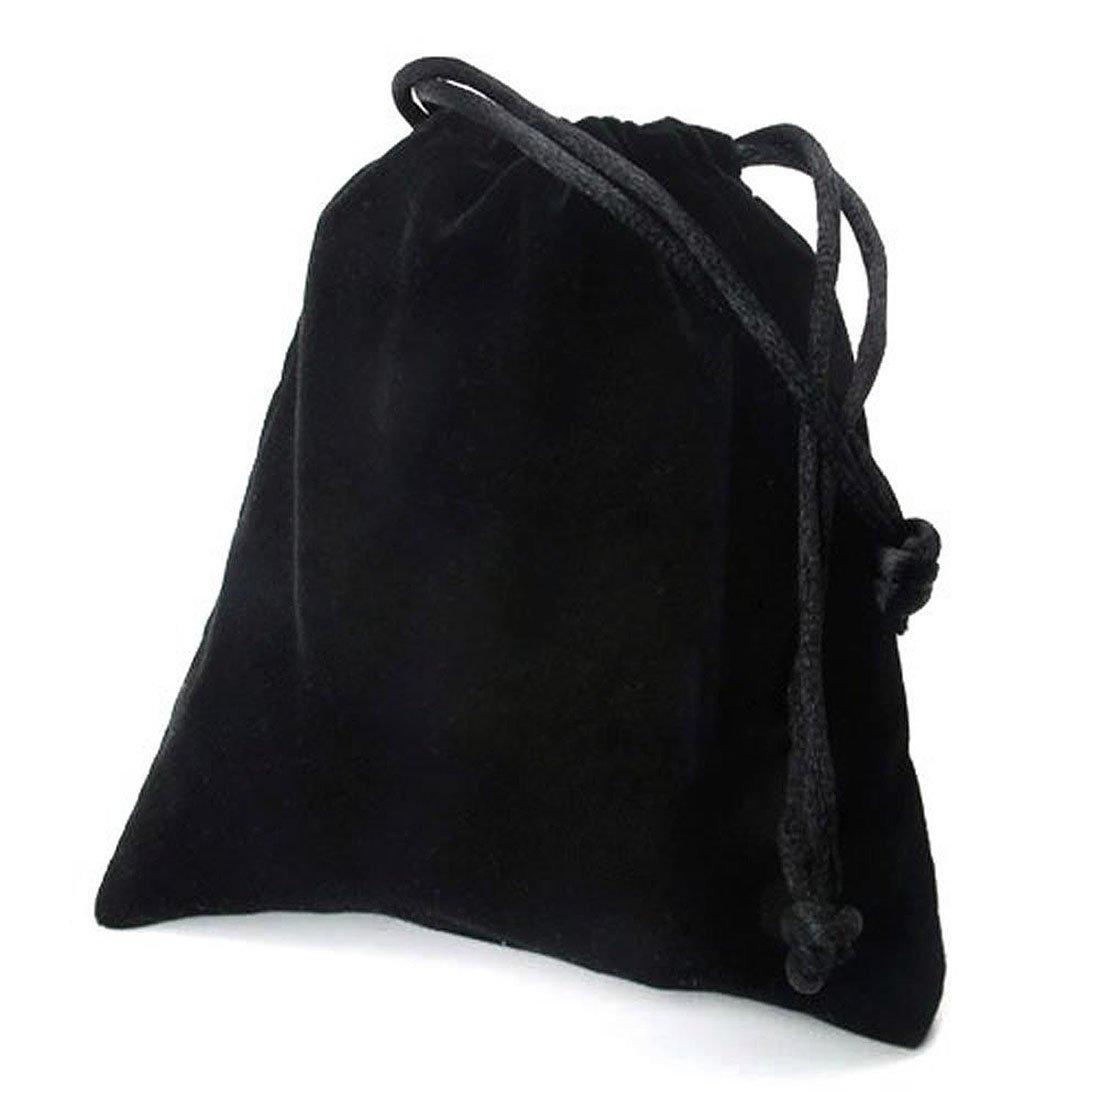 Longitud 19cm TOOGOO Pulsera de joyeria Negro Pulsera de cuero trenzado acero inoxidable de cuero R Pulsera para hombres mujeres Ancho 6mm